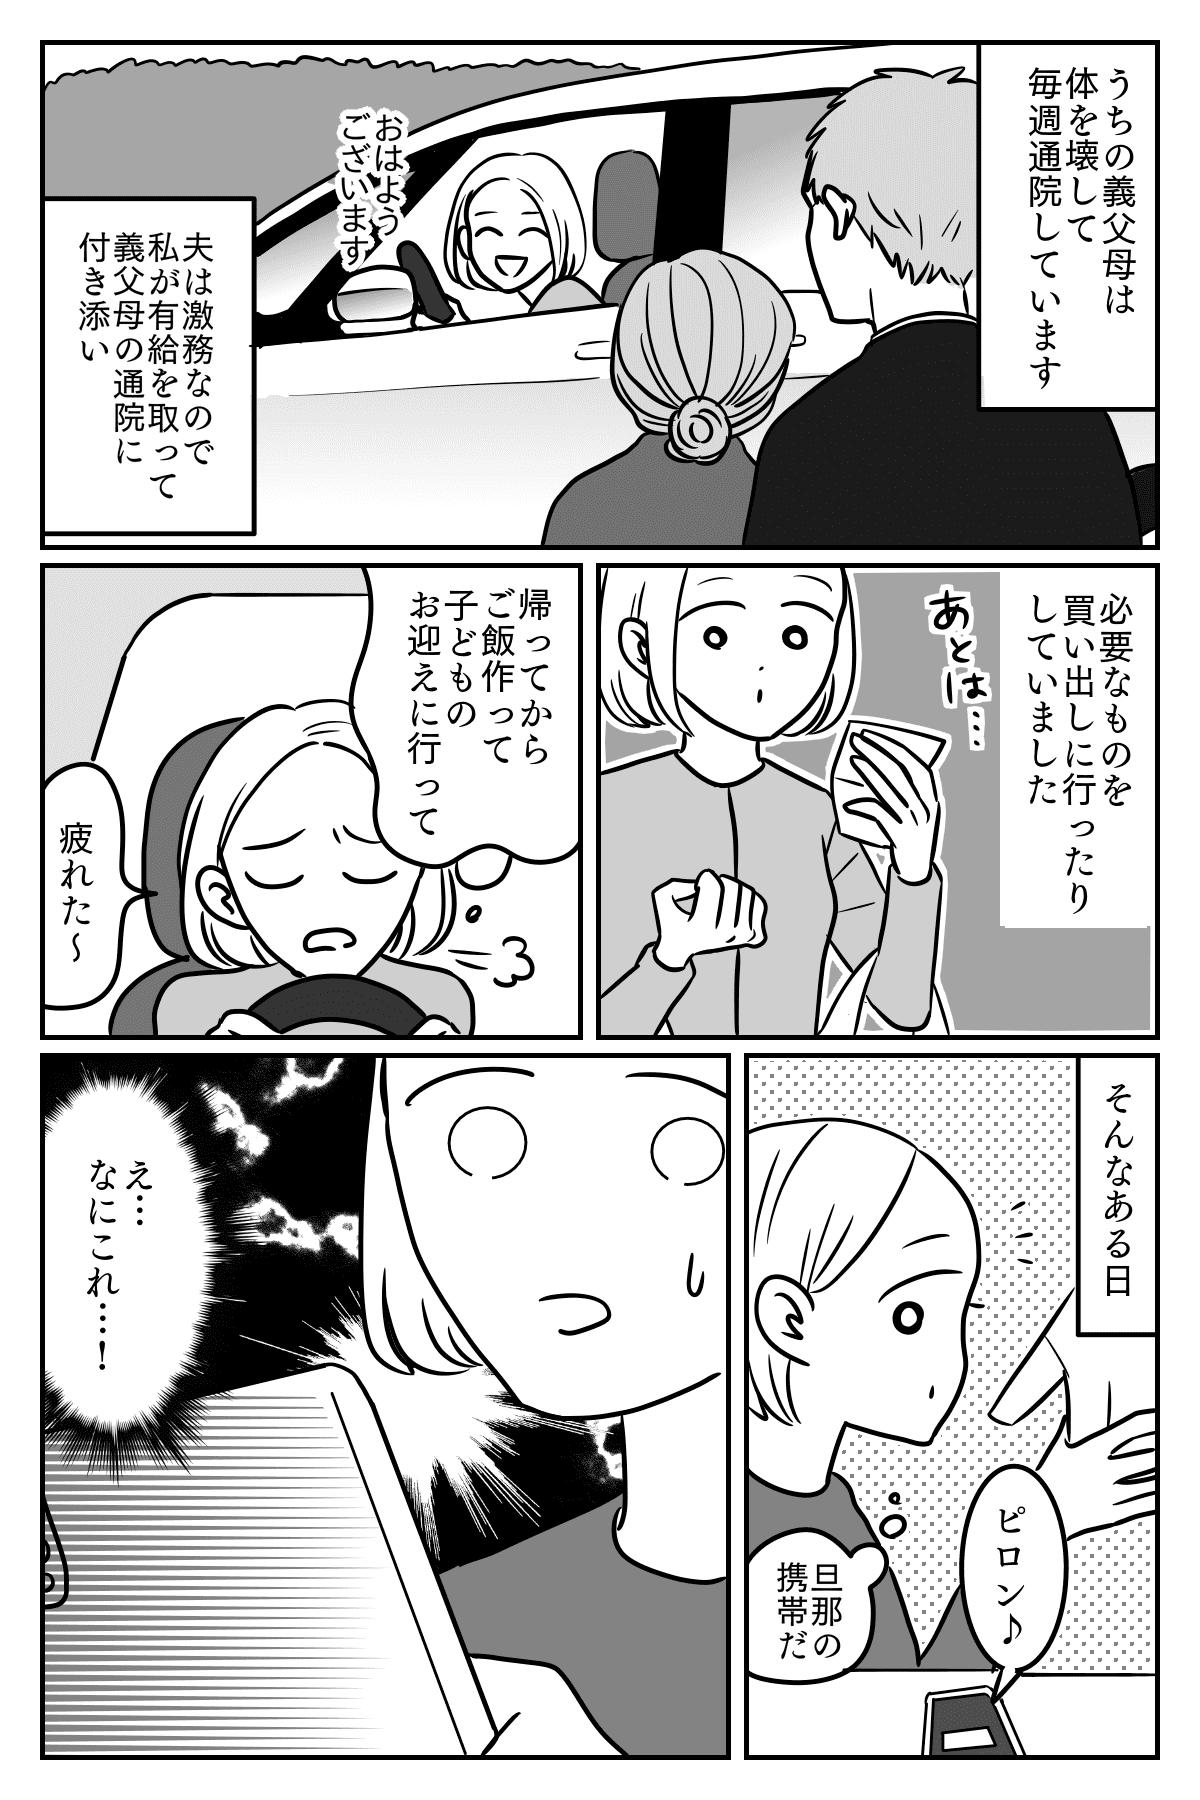 くそじじい1-1